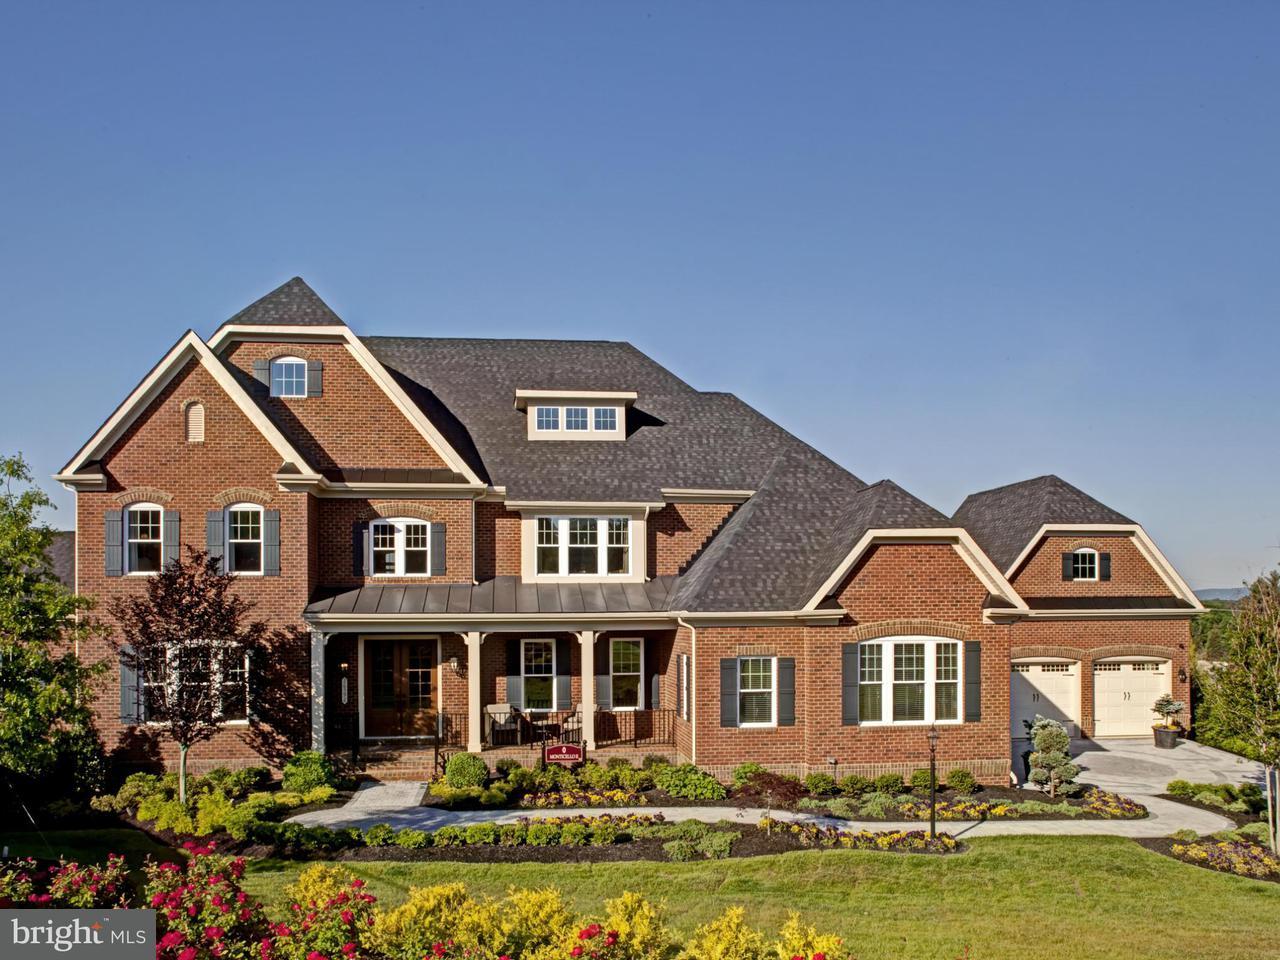 Частный односемейный дом для того Продажа на 5028 Lindera Court 5028 Lindera Court Ellicott City, Мэриленд 21042 Соединенные Штаты